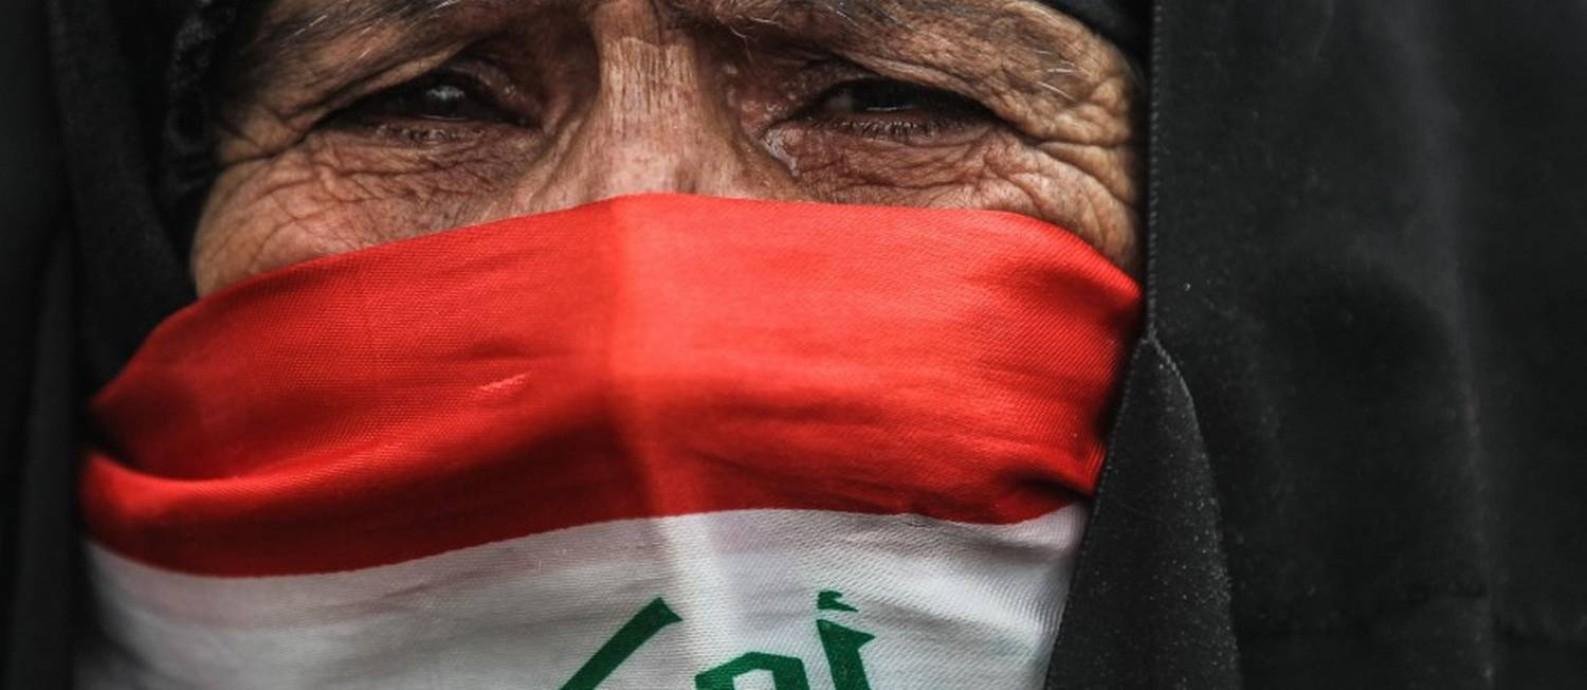 Com o rosto coberto pela bandeira iraquiana, mulher chora durante protesto em Bagdá; oito especialistas falaram ao GLOBO sobre impacto da crise Foto: AHMAD AL-RUBAYE/AFP/10-1-2020